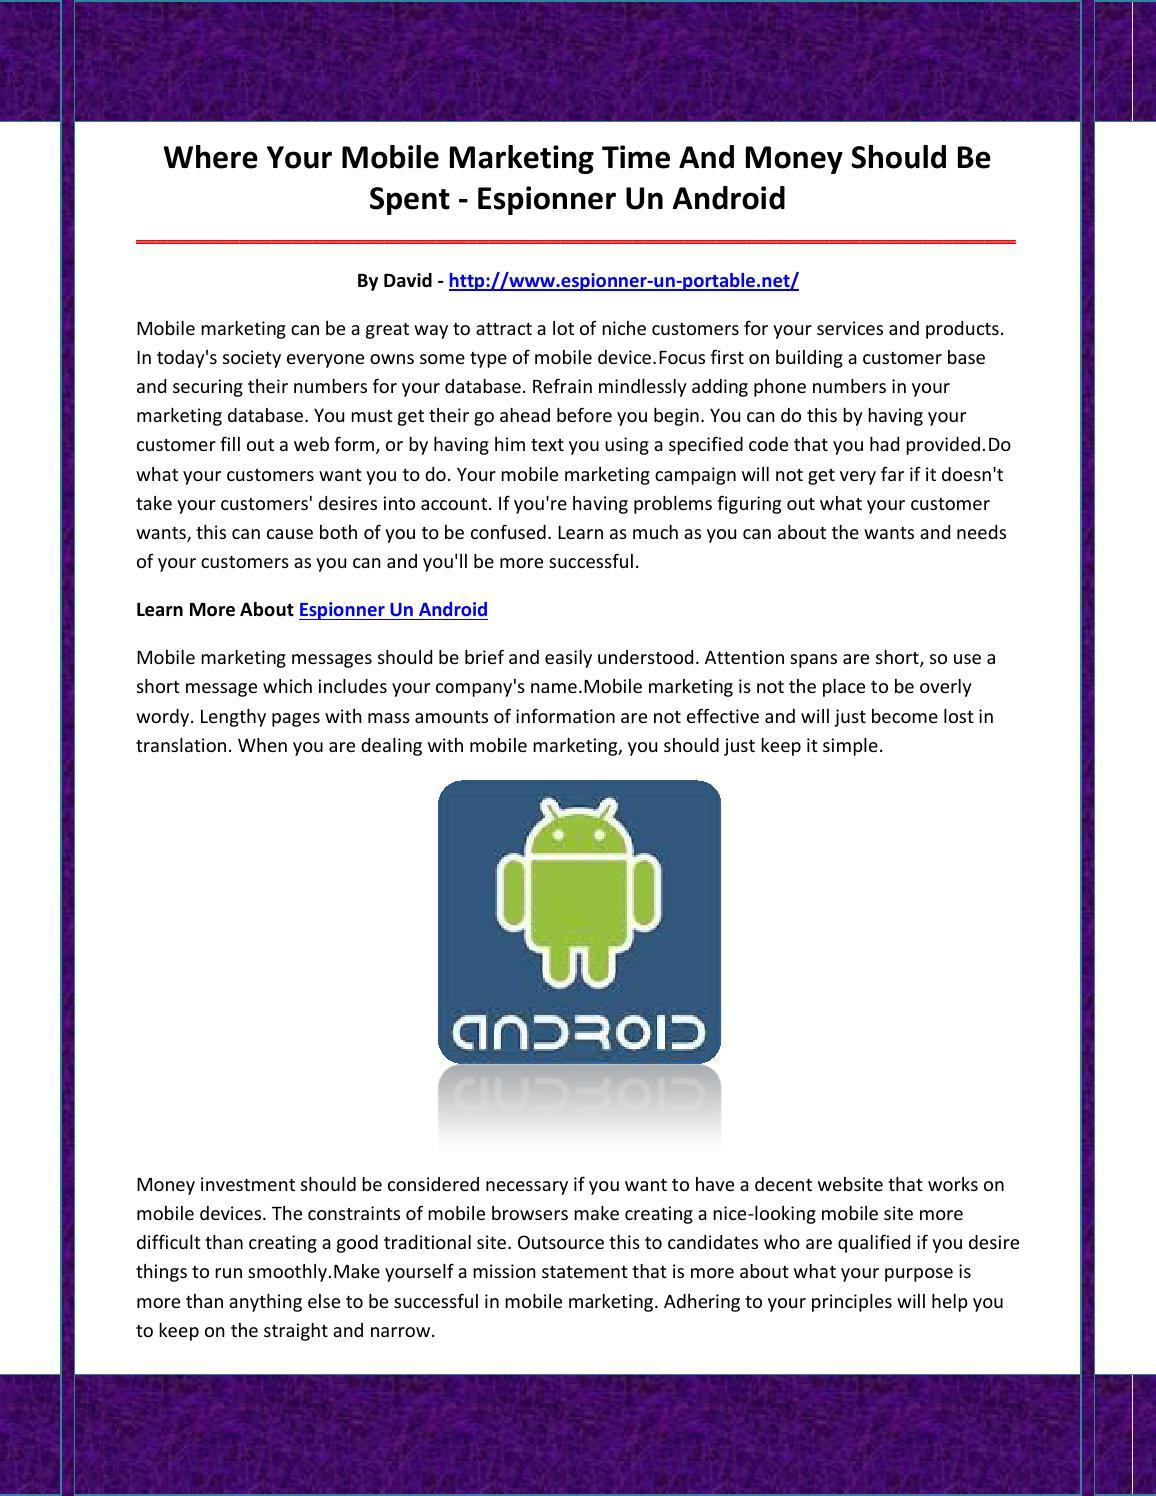 espionner un portable non android